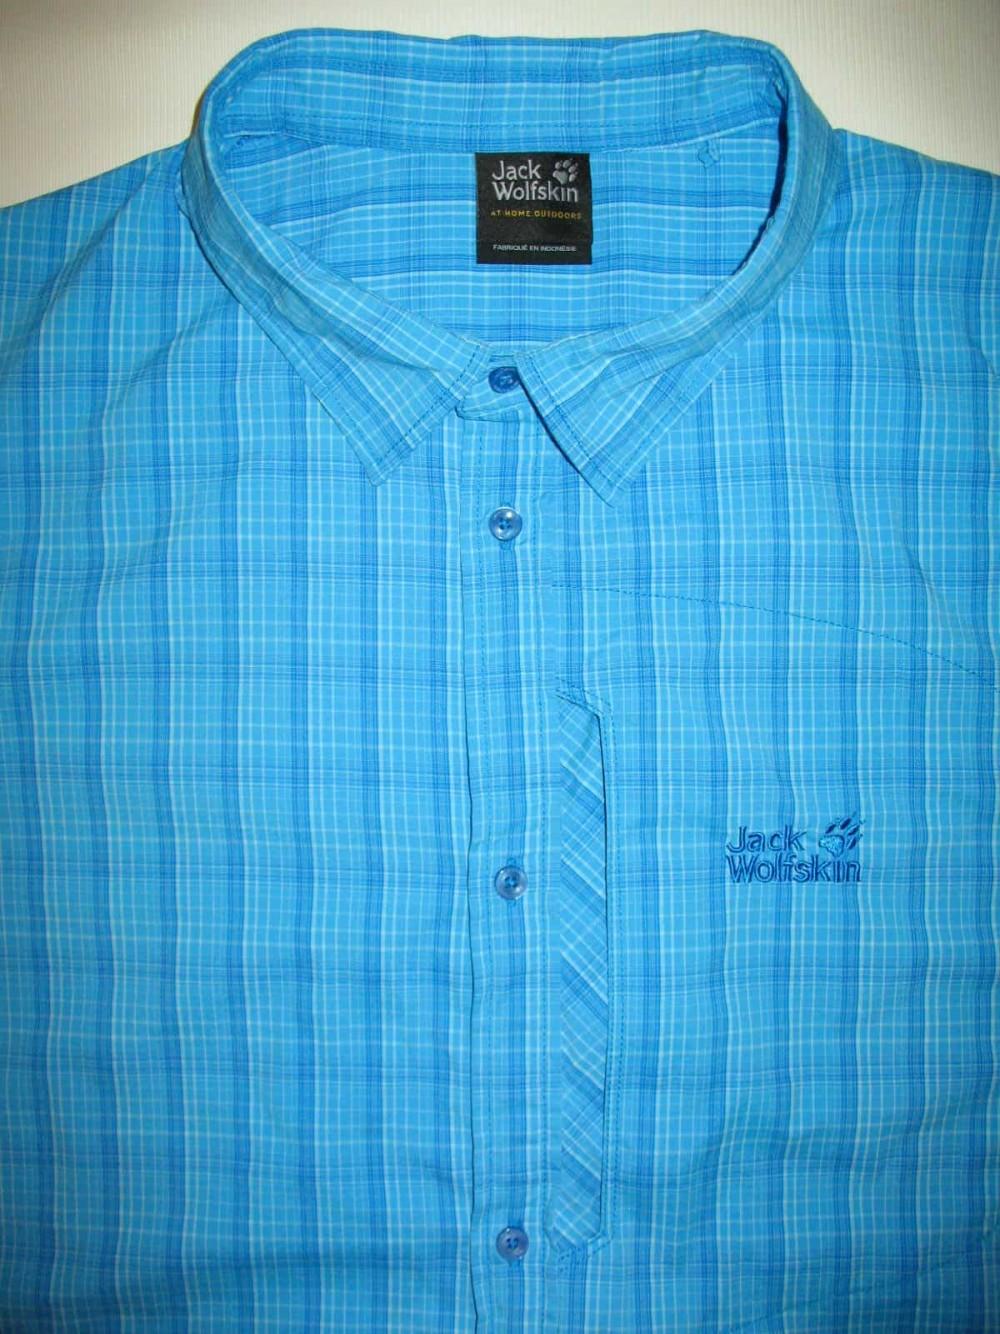 Рубашка JACK WOLFSKIN rays stretch vent shirt (размер XXXL/XXL) - 4